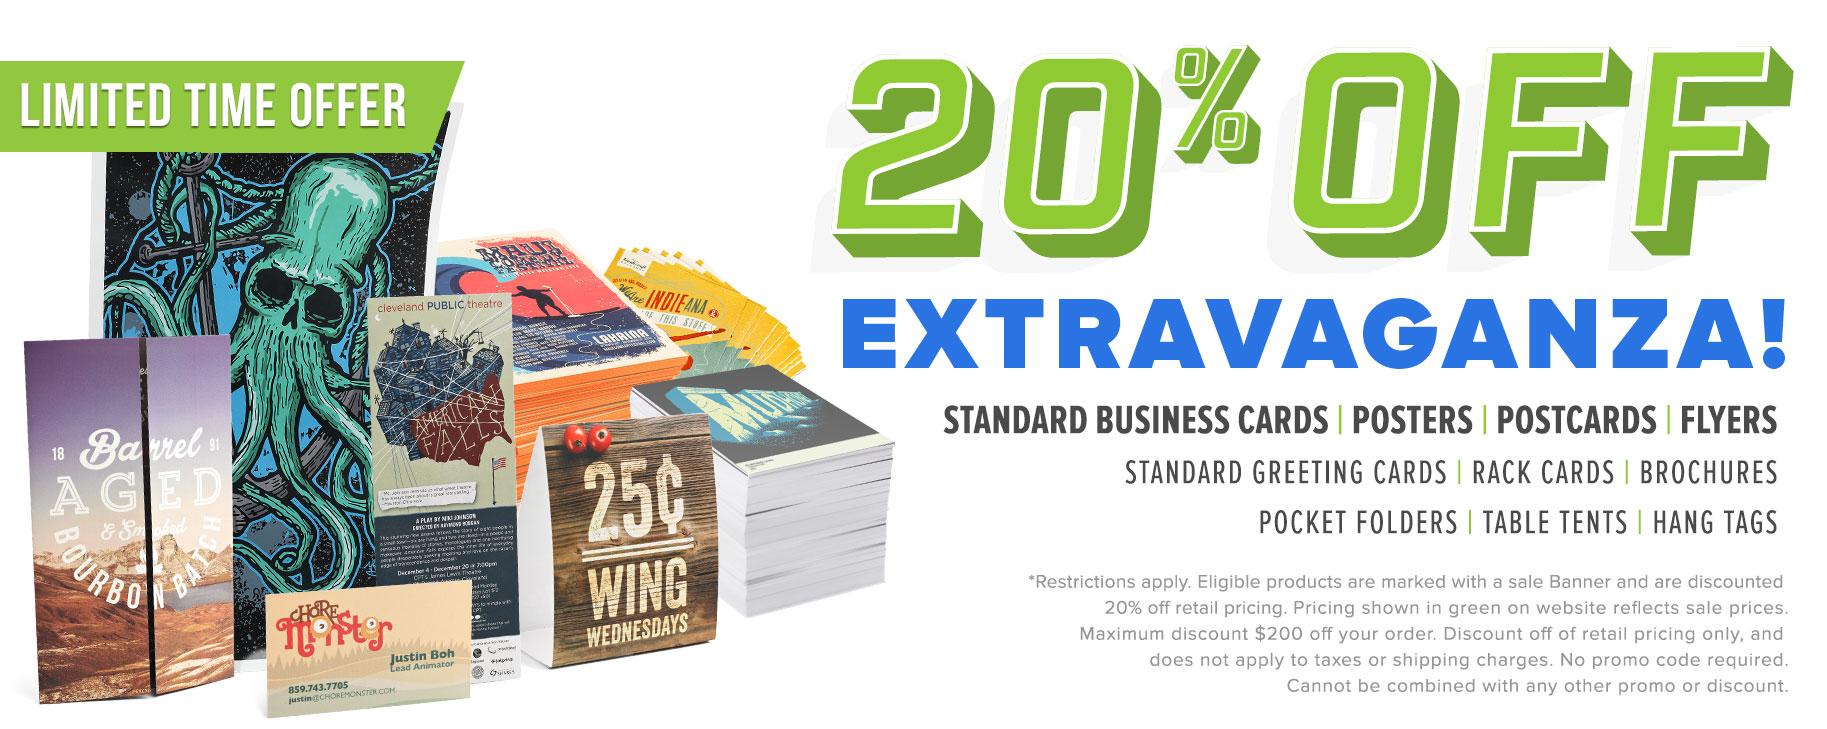 20% Off Extravaganza!